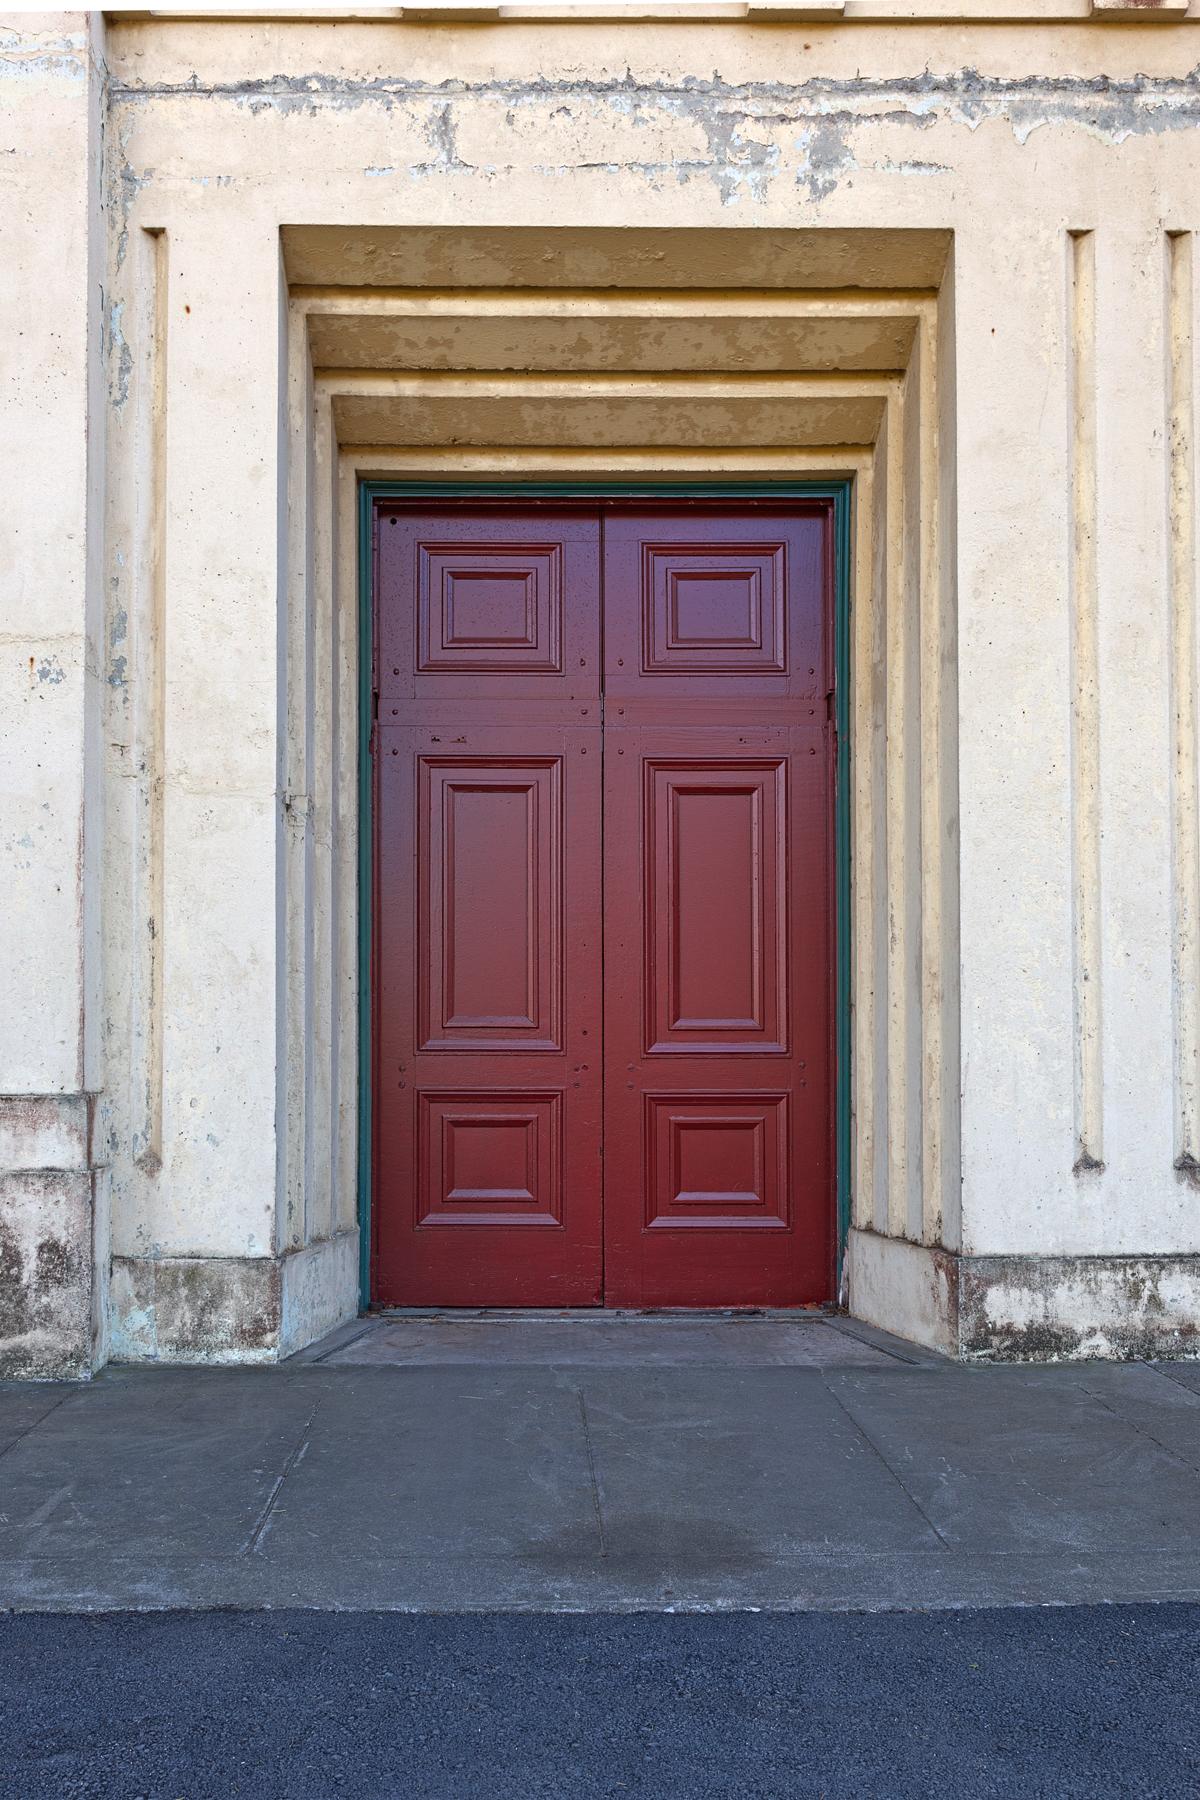 Red door - hdr photo